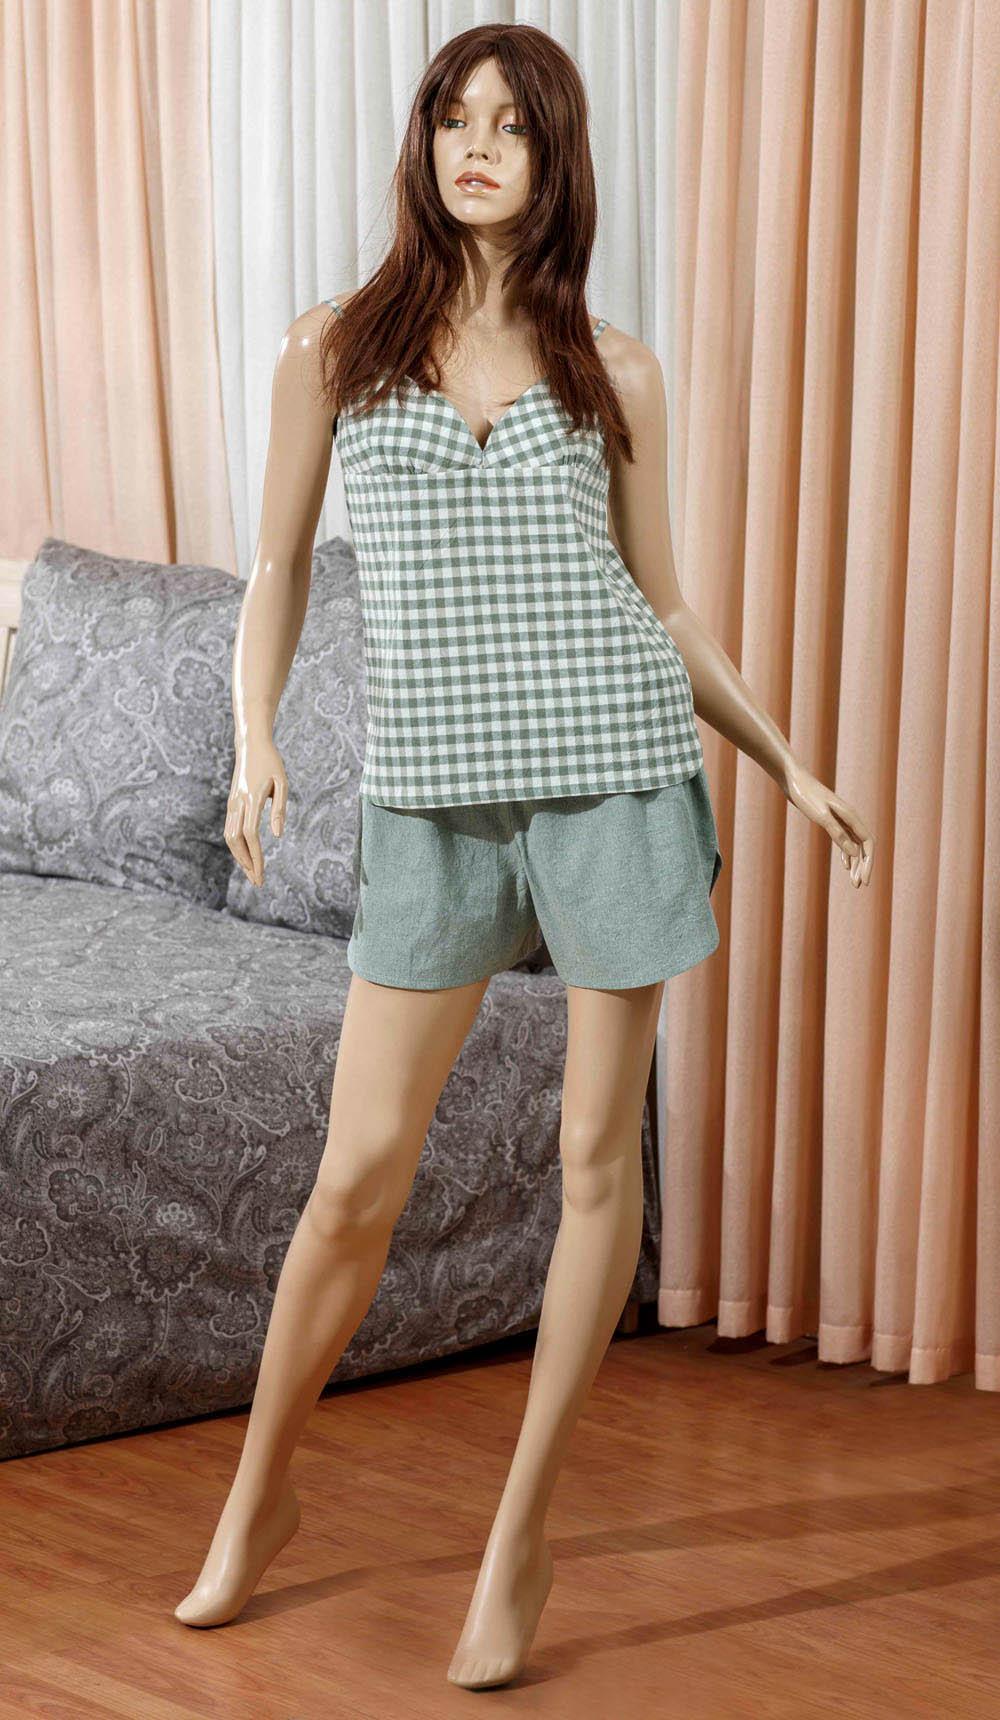 Футболки Primavelle Одежда для дома Vera Цвет: Зеленый (S-M) футболки primavelle одежда для дома vera цвет зеленый m l